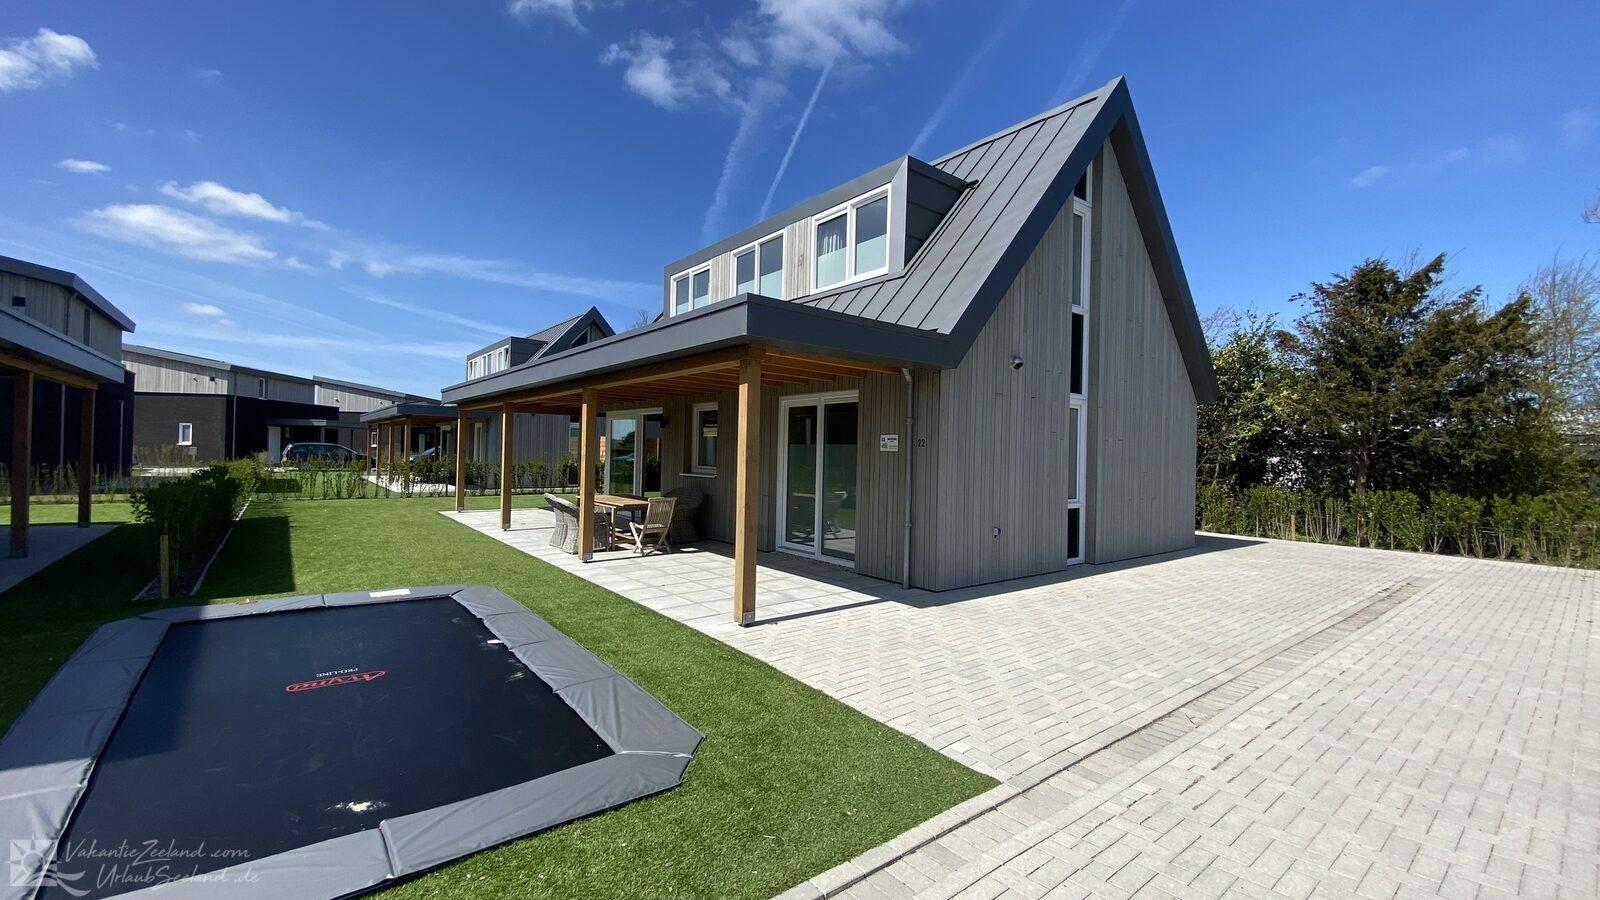 VZ949 Holiday villa Kamperland